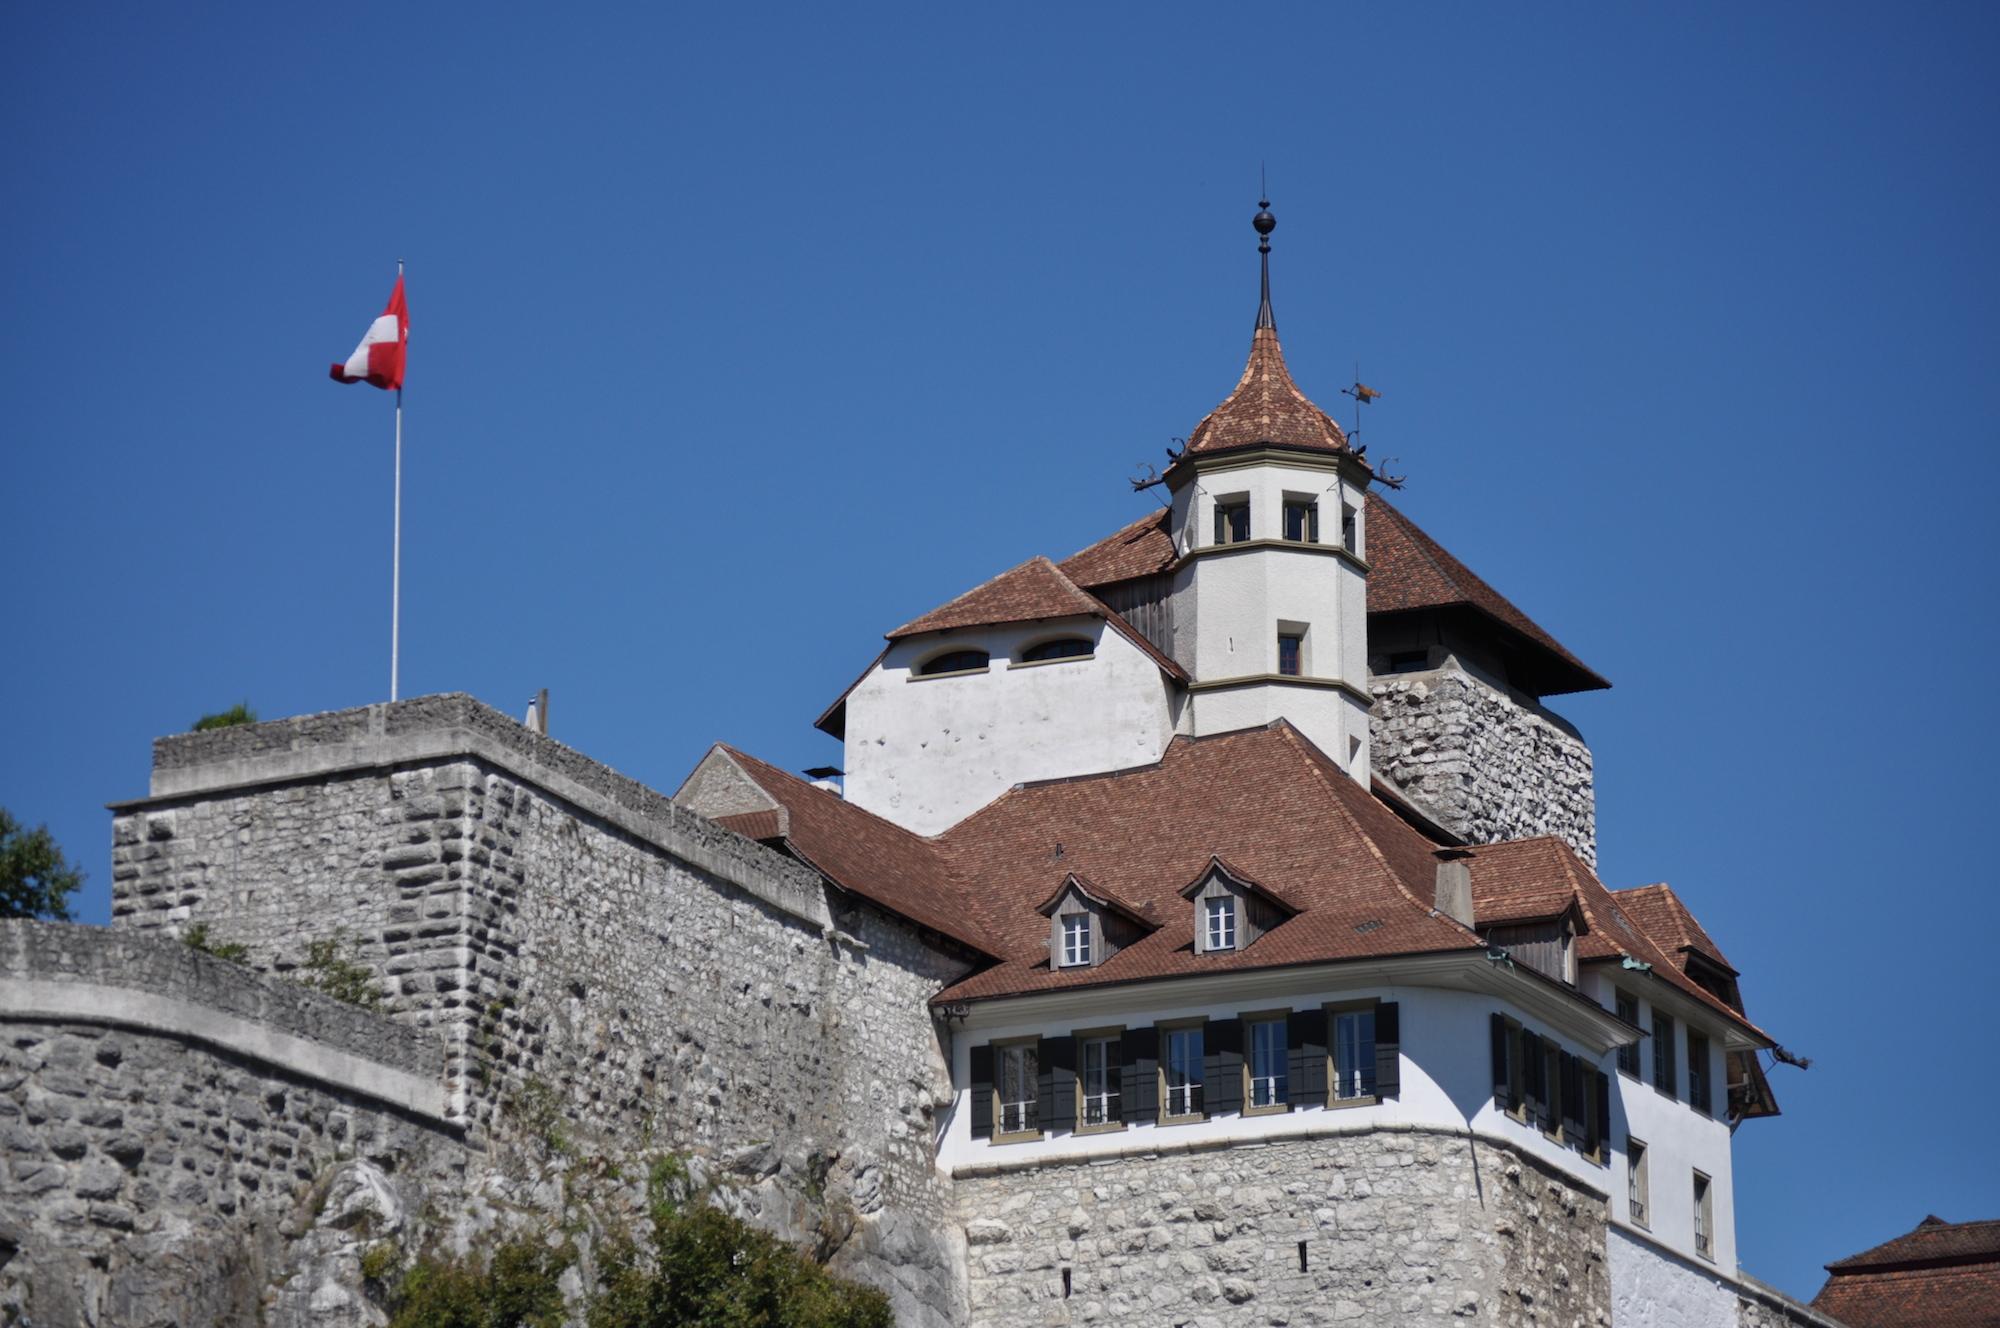 Die Festung Aarburg mit dem Jugendheim. 2012 brachen schon einmal Jugendliche aus.